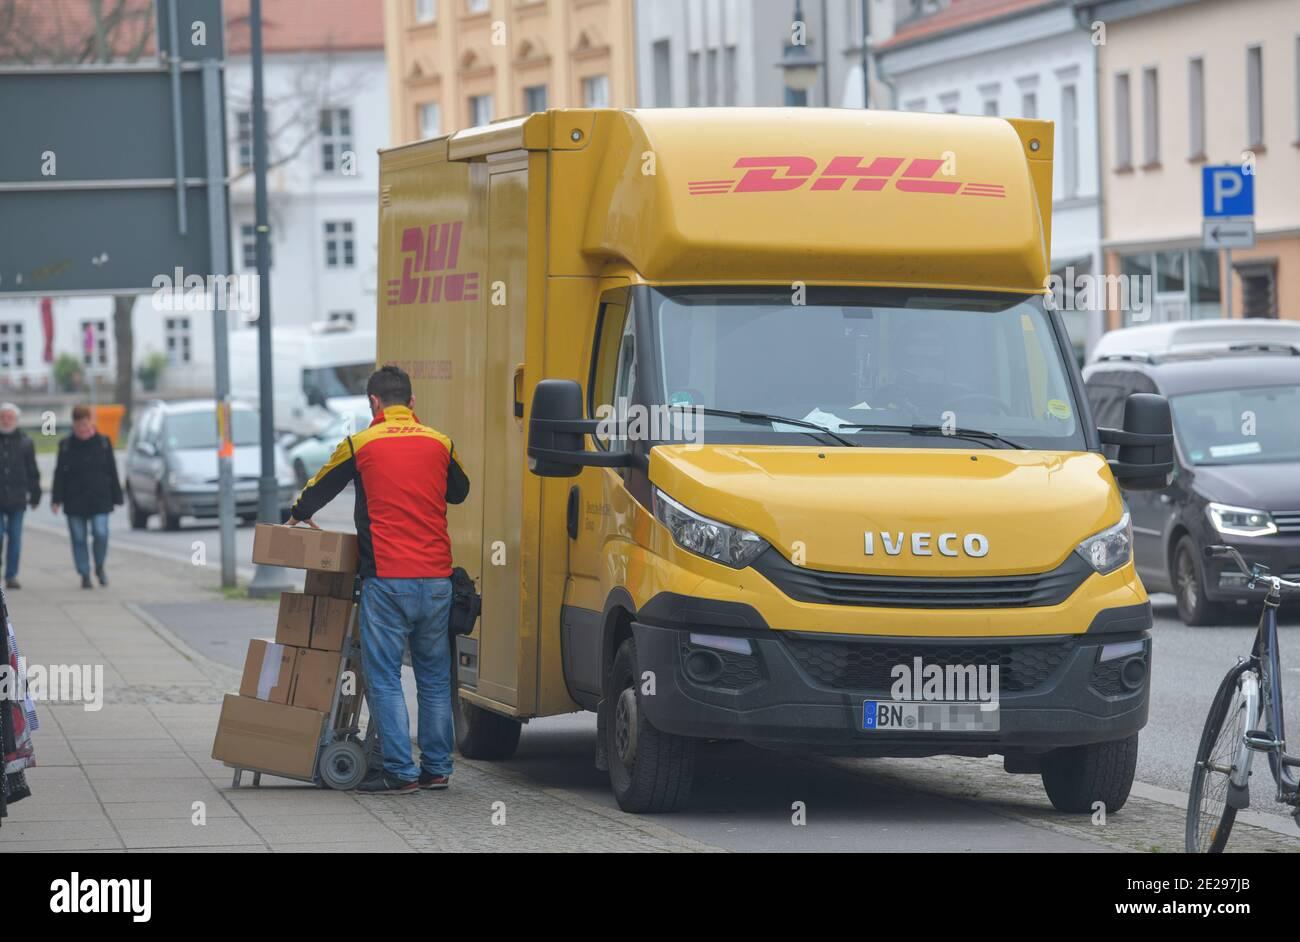 DHL Transporter Pakete Auslieferung, Oranienburg, Landkreis Oberhavel, Brandenburg, Deutschland Stock Photo